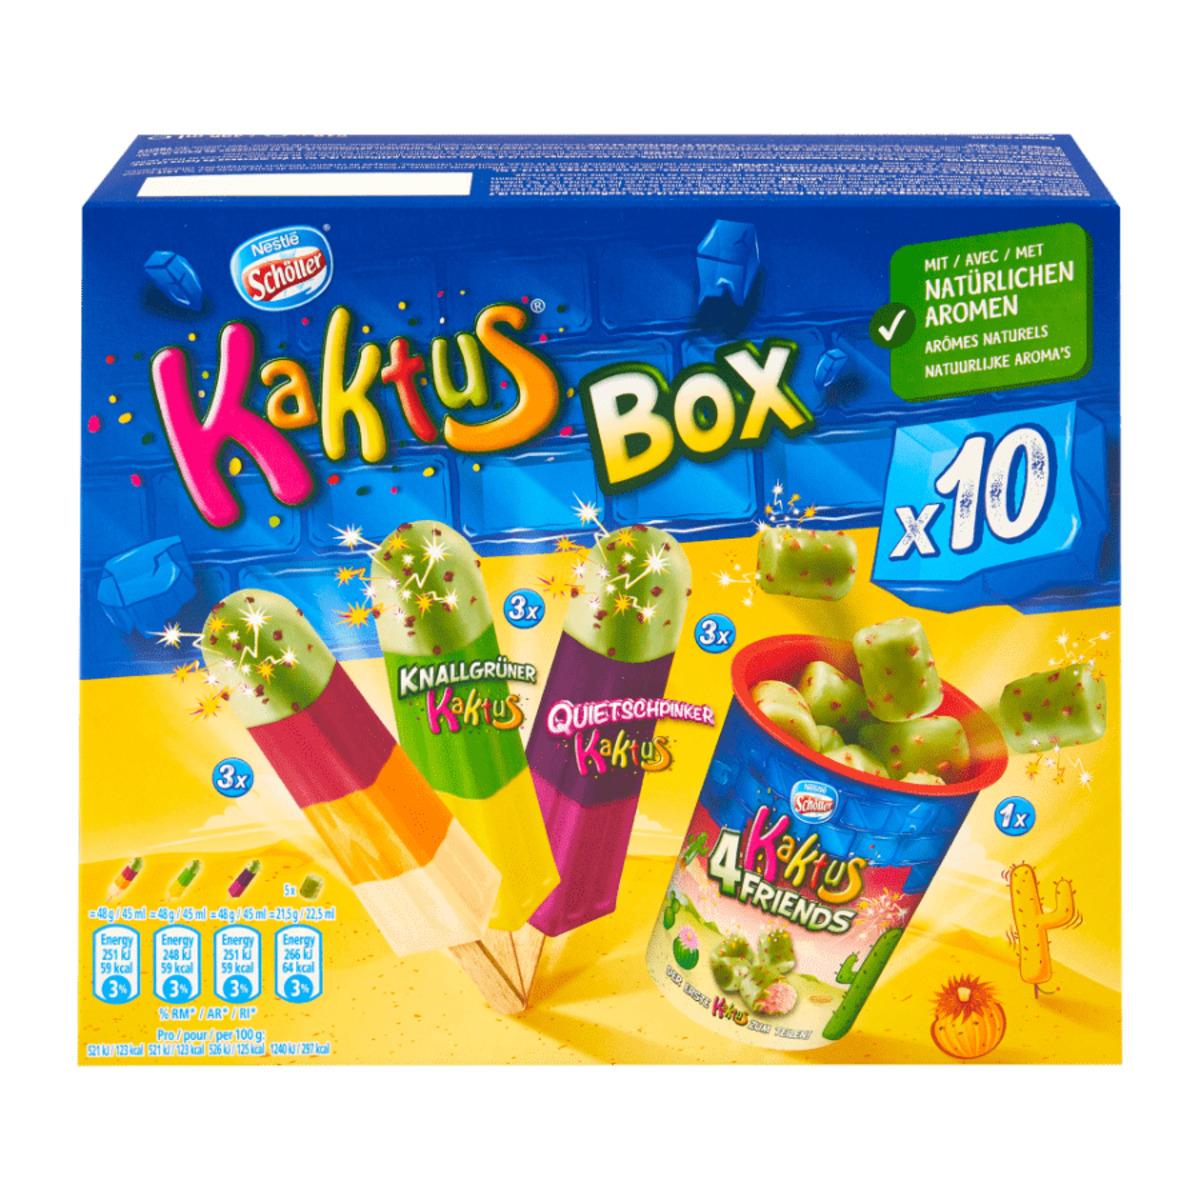 Bild 2 von Schöller Kaktus Box / Eis-Hits